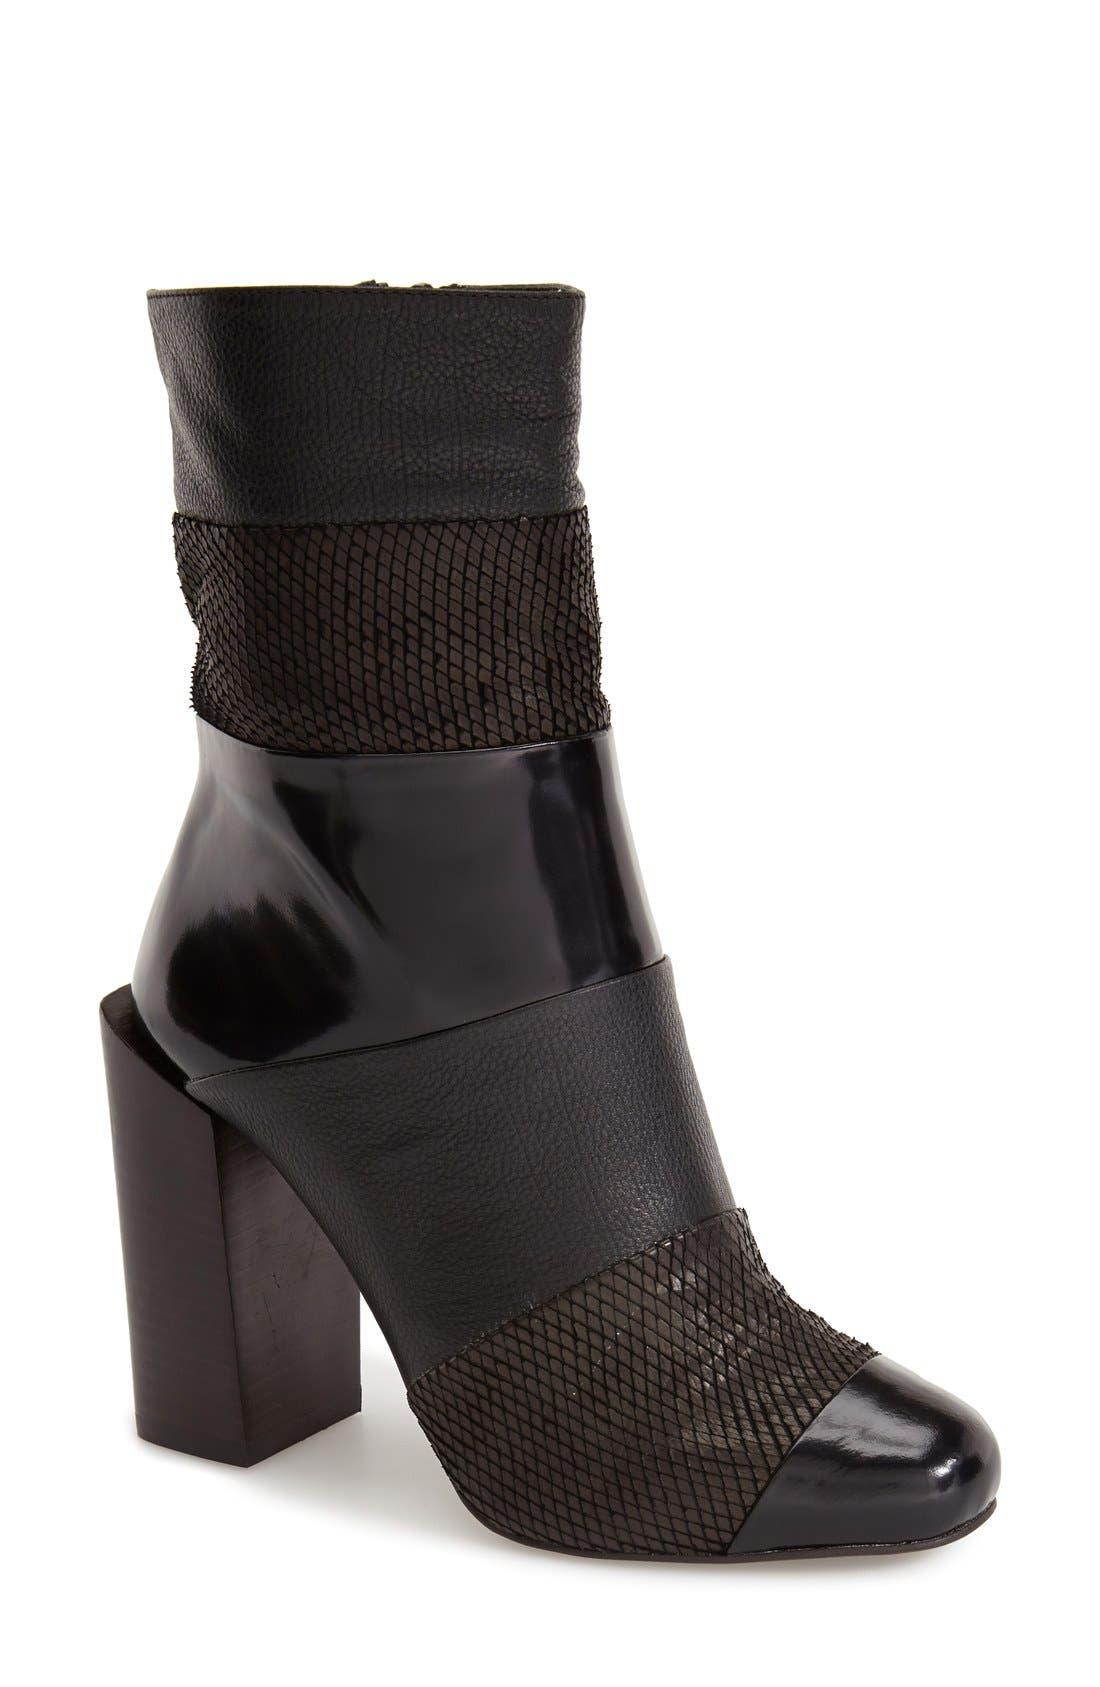 Main Image - Jeffrey Campbell 'Pezzi' Almond Toe Boot (Women)